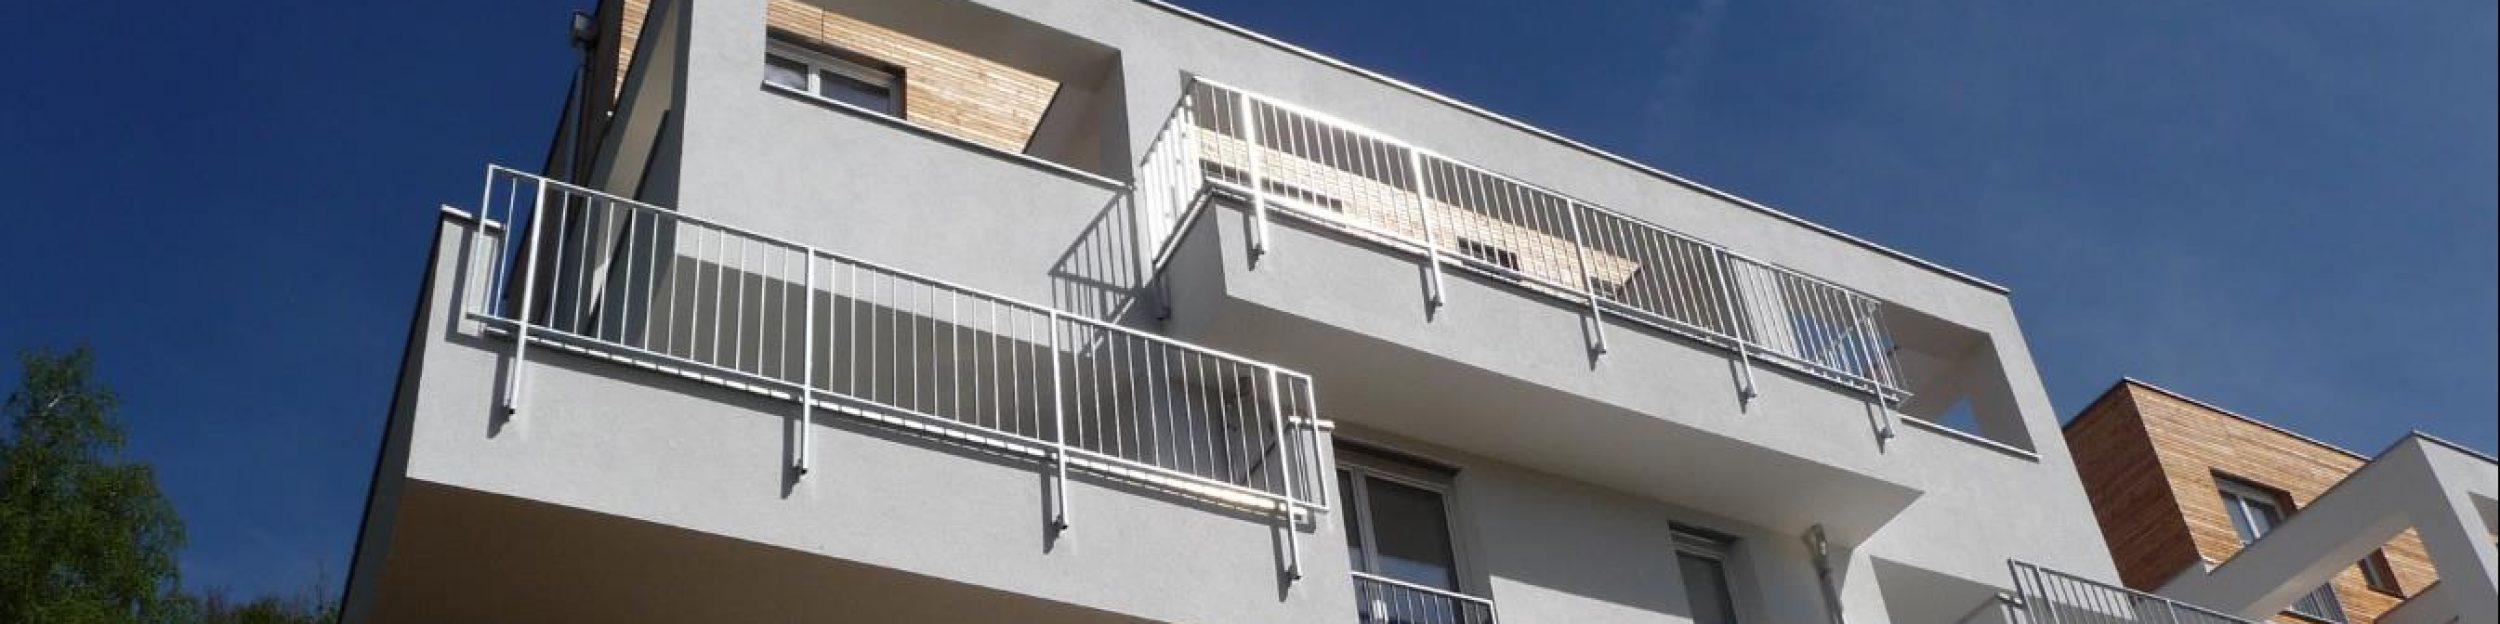 ÖKOcoach – Ingenieurbüro für Bauphysik